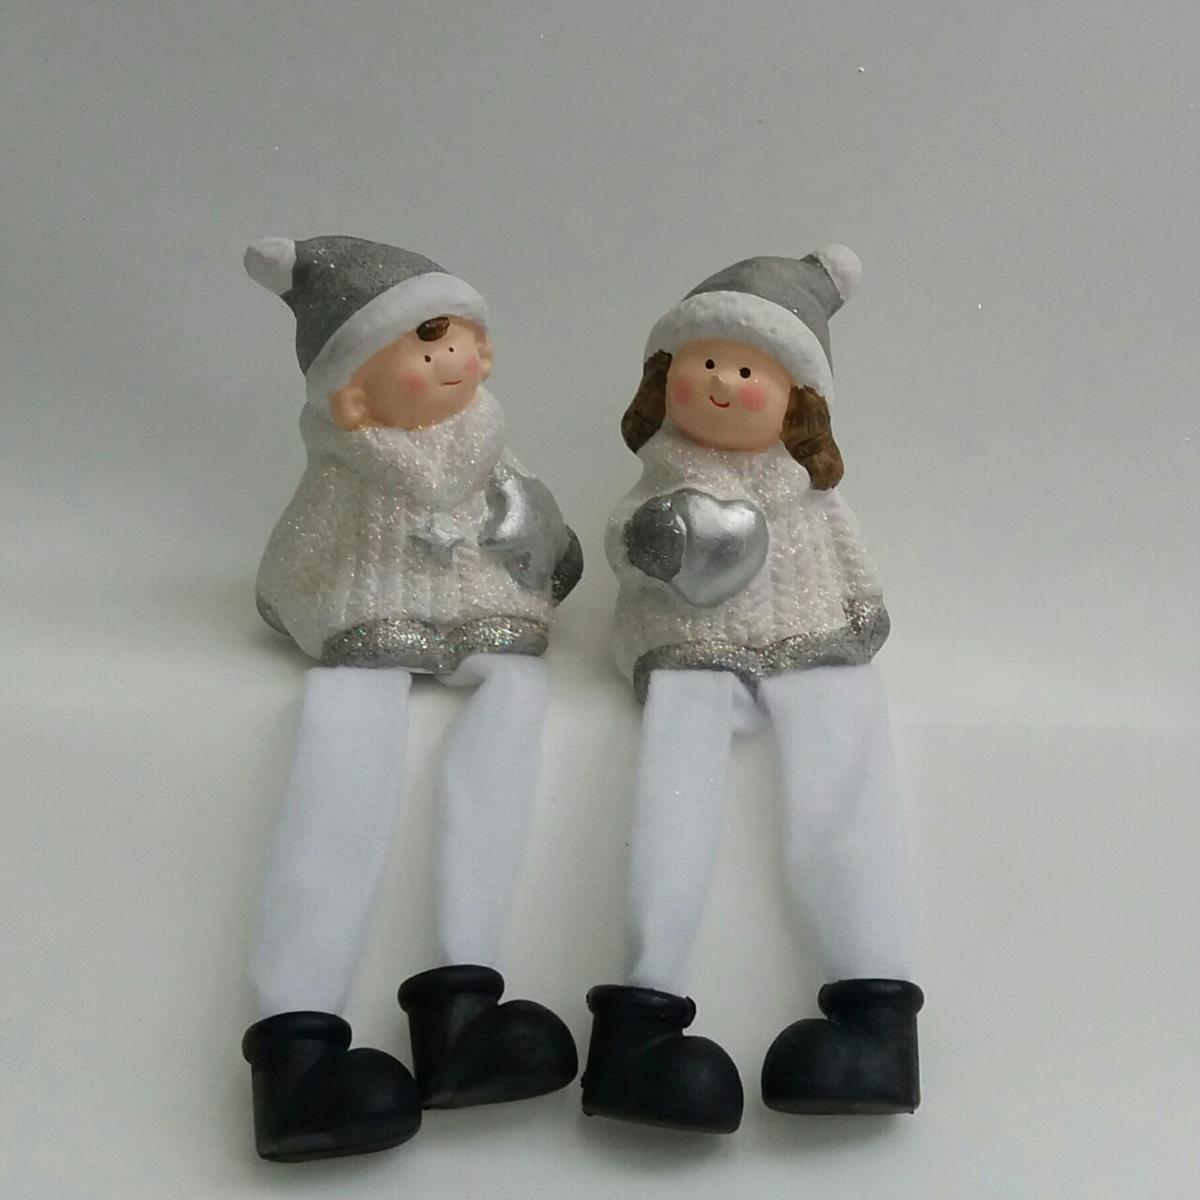 Фигурка деток со свисающими ножками 8см + 8см ножки